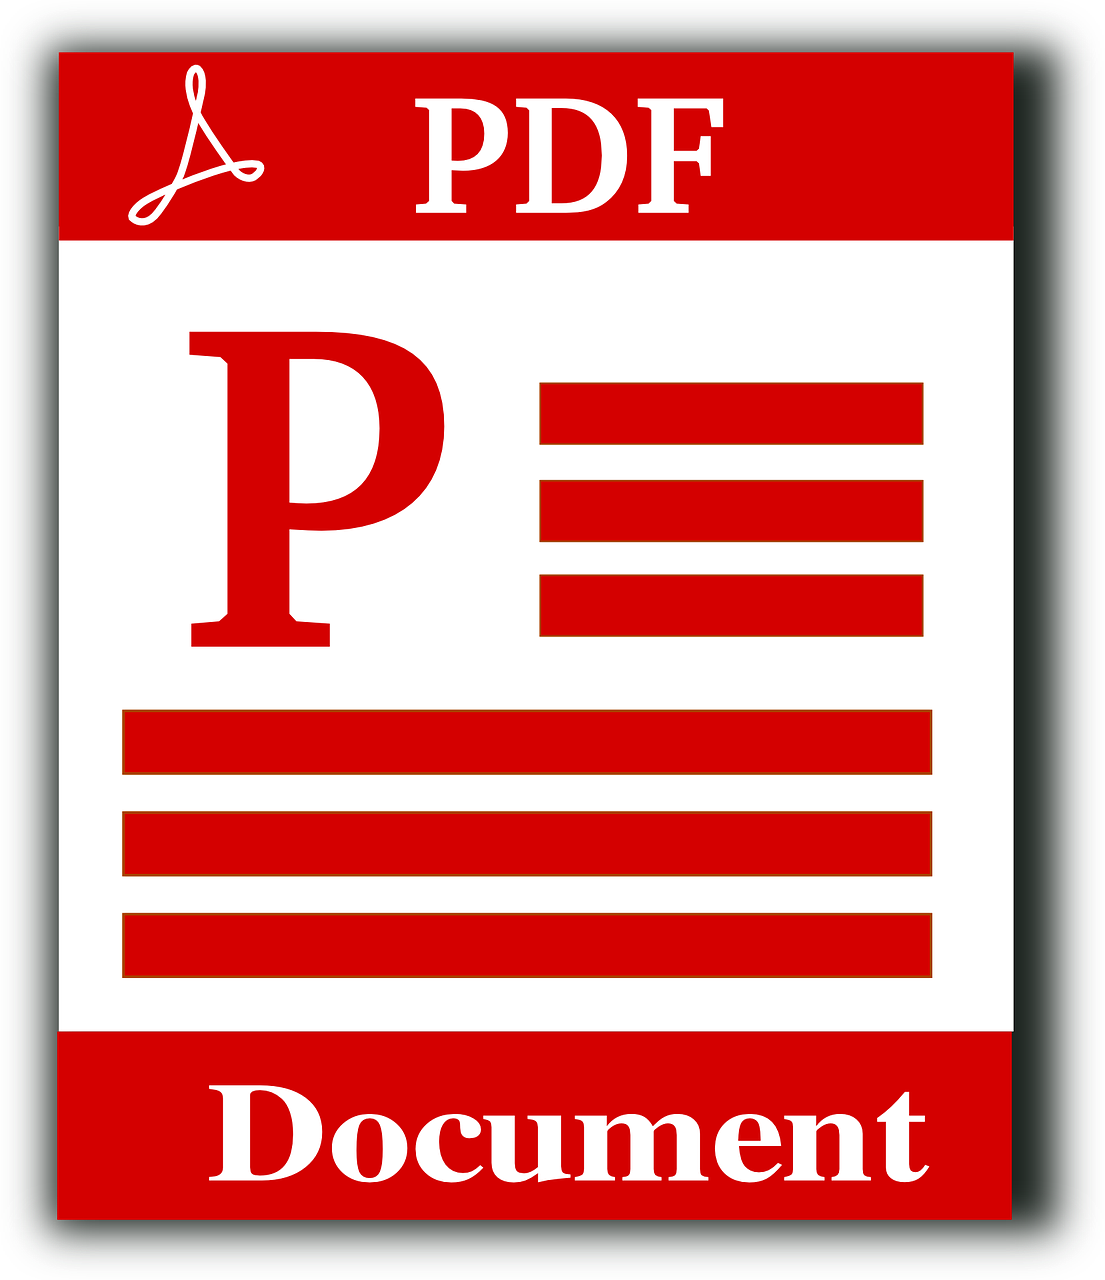 pdf file onlinestudypoints.com